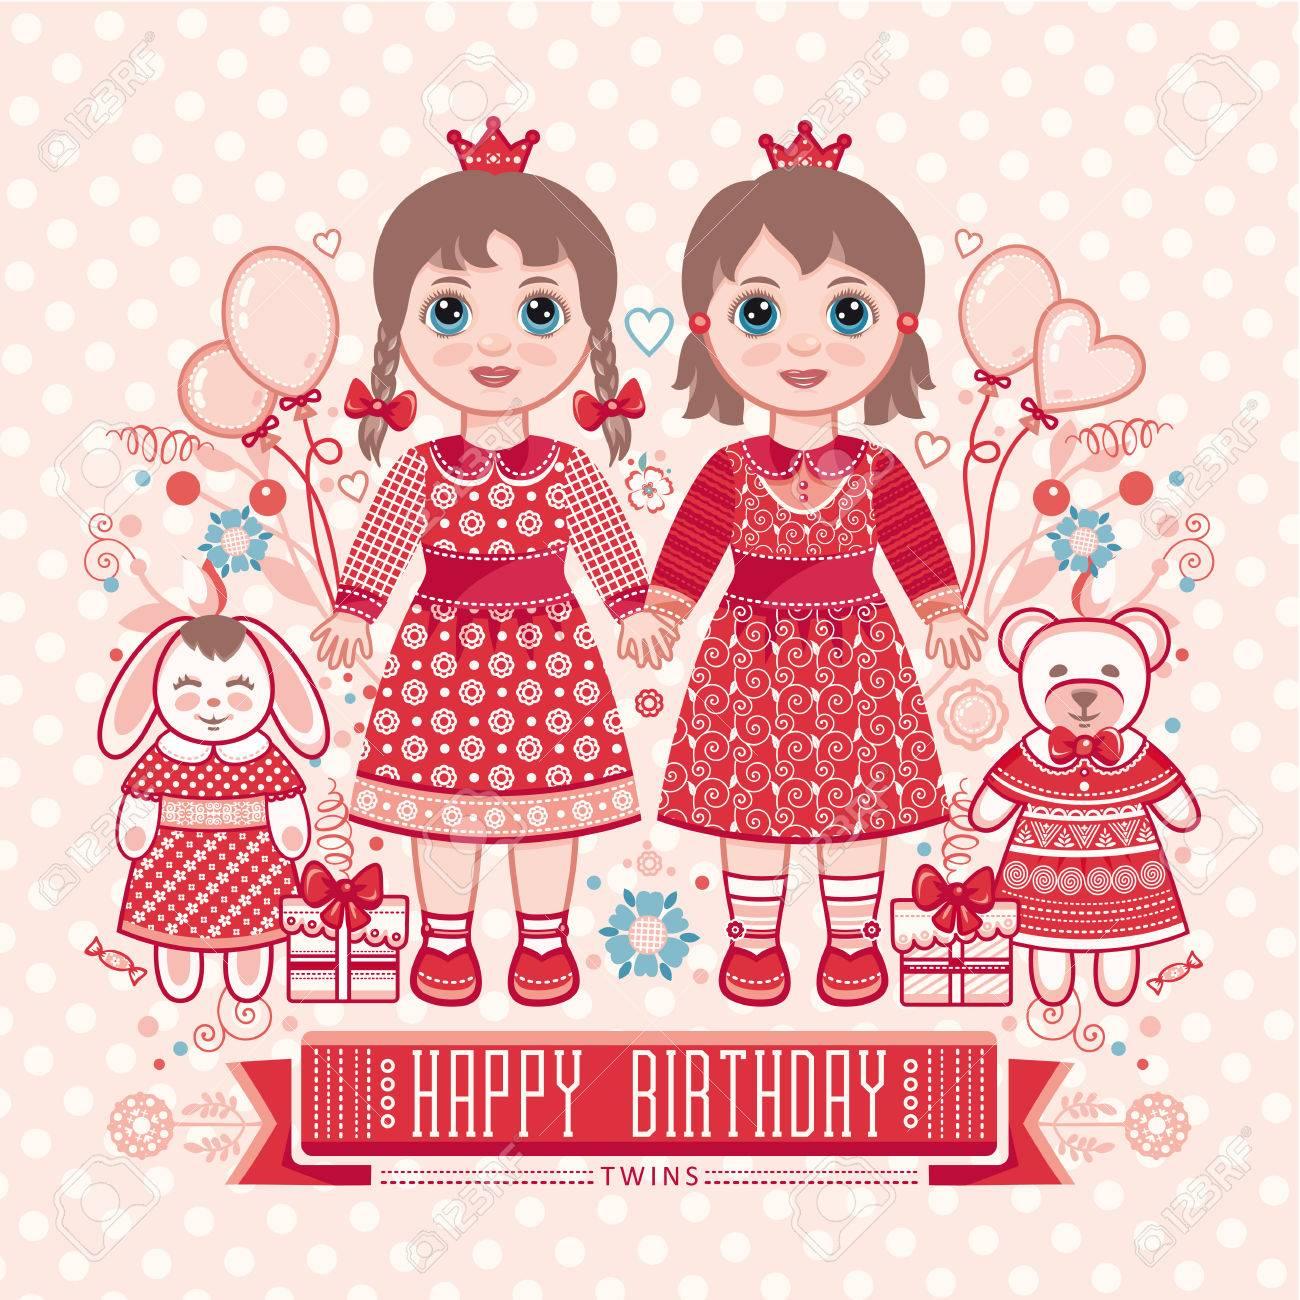 お誕生日おめでとう - 女の子のためのグリーティング カード。かわいい